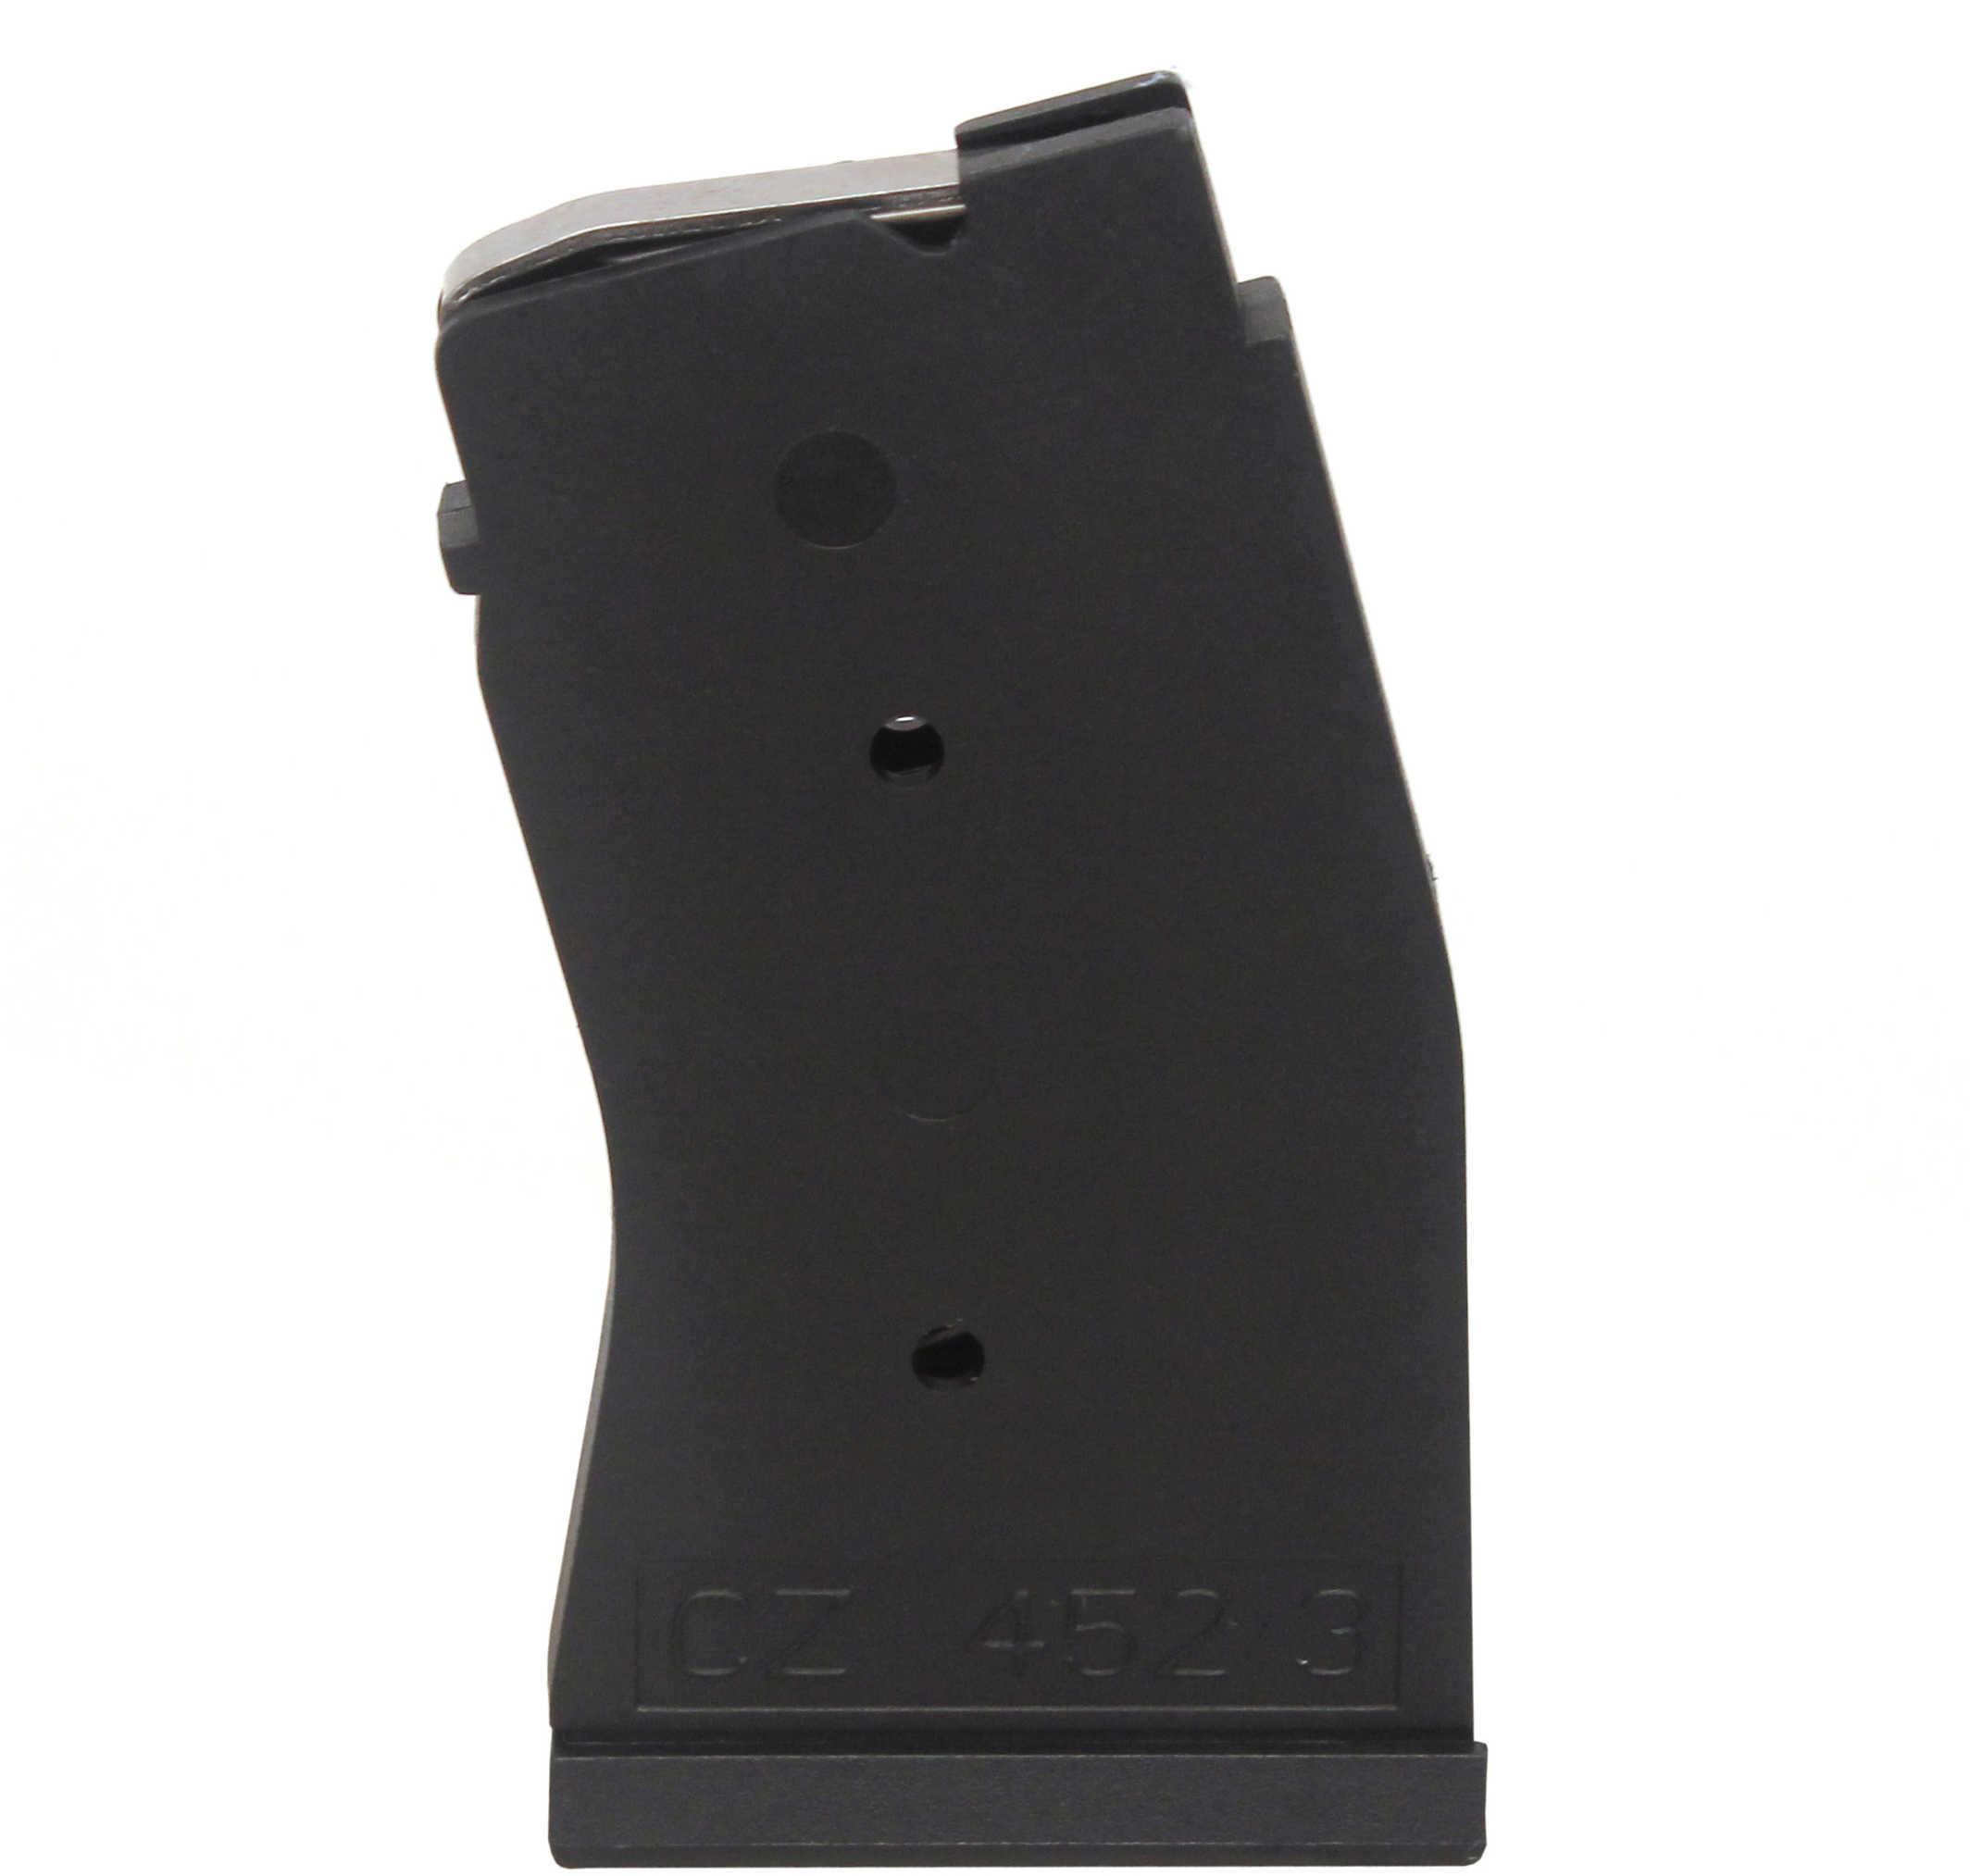 Magazine CZ 452/453 22 Winchester Magnum Rimfire (WMR) 10 Round Polymer Black Finish